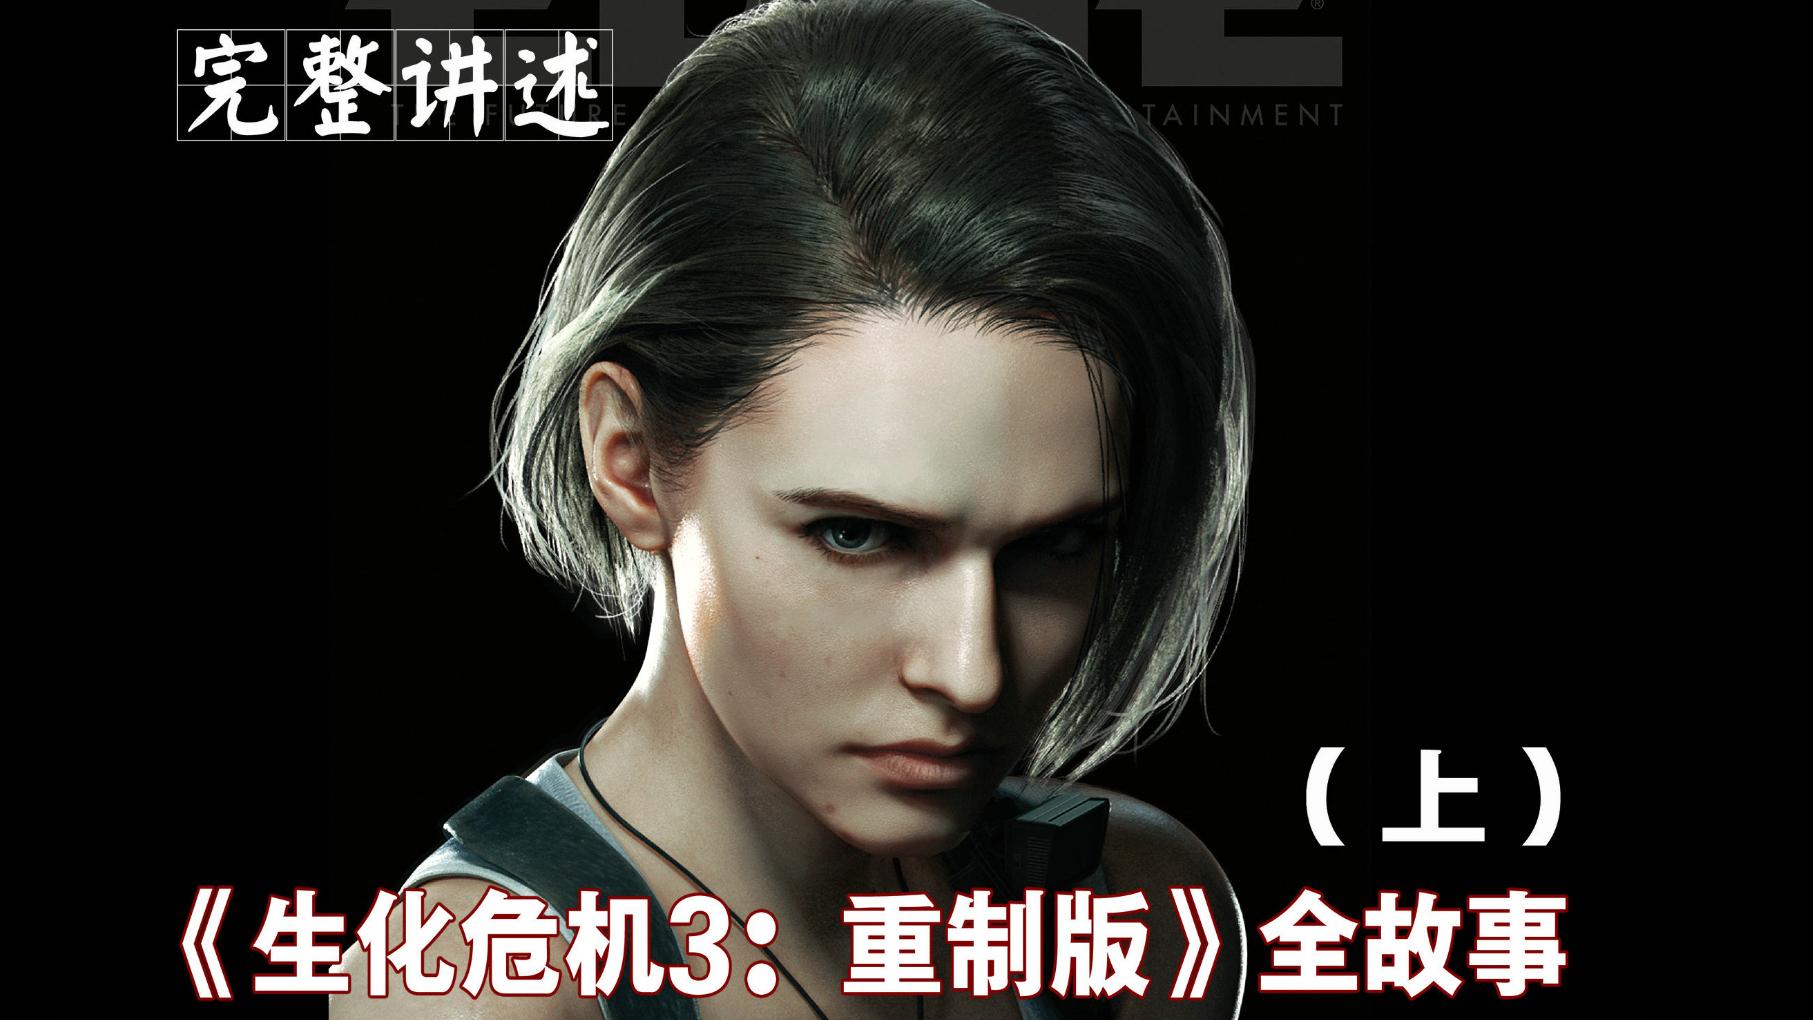 【游戏微剧场】为你讲述《生化危机3 重制版》全故事(上)